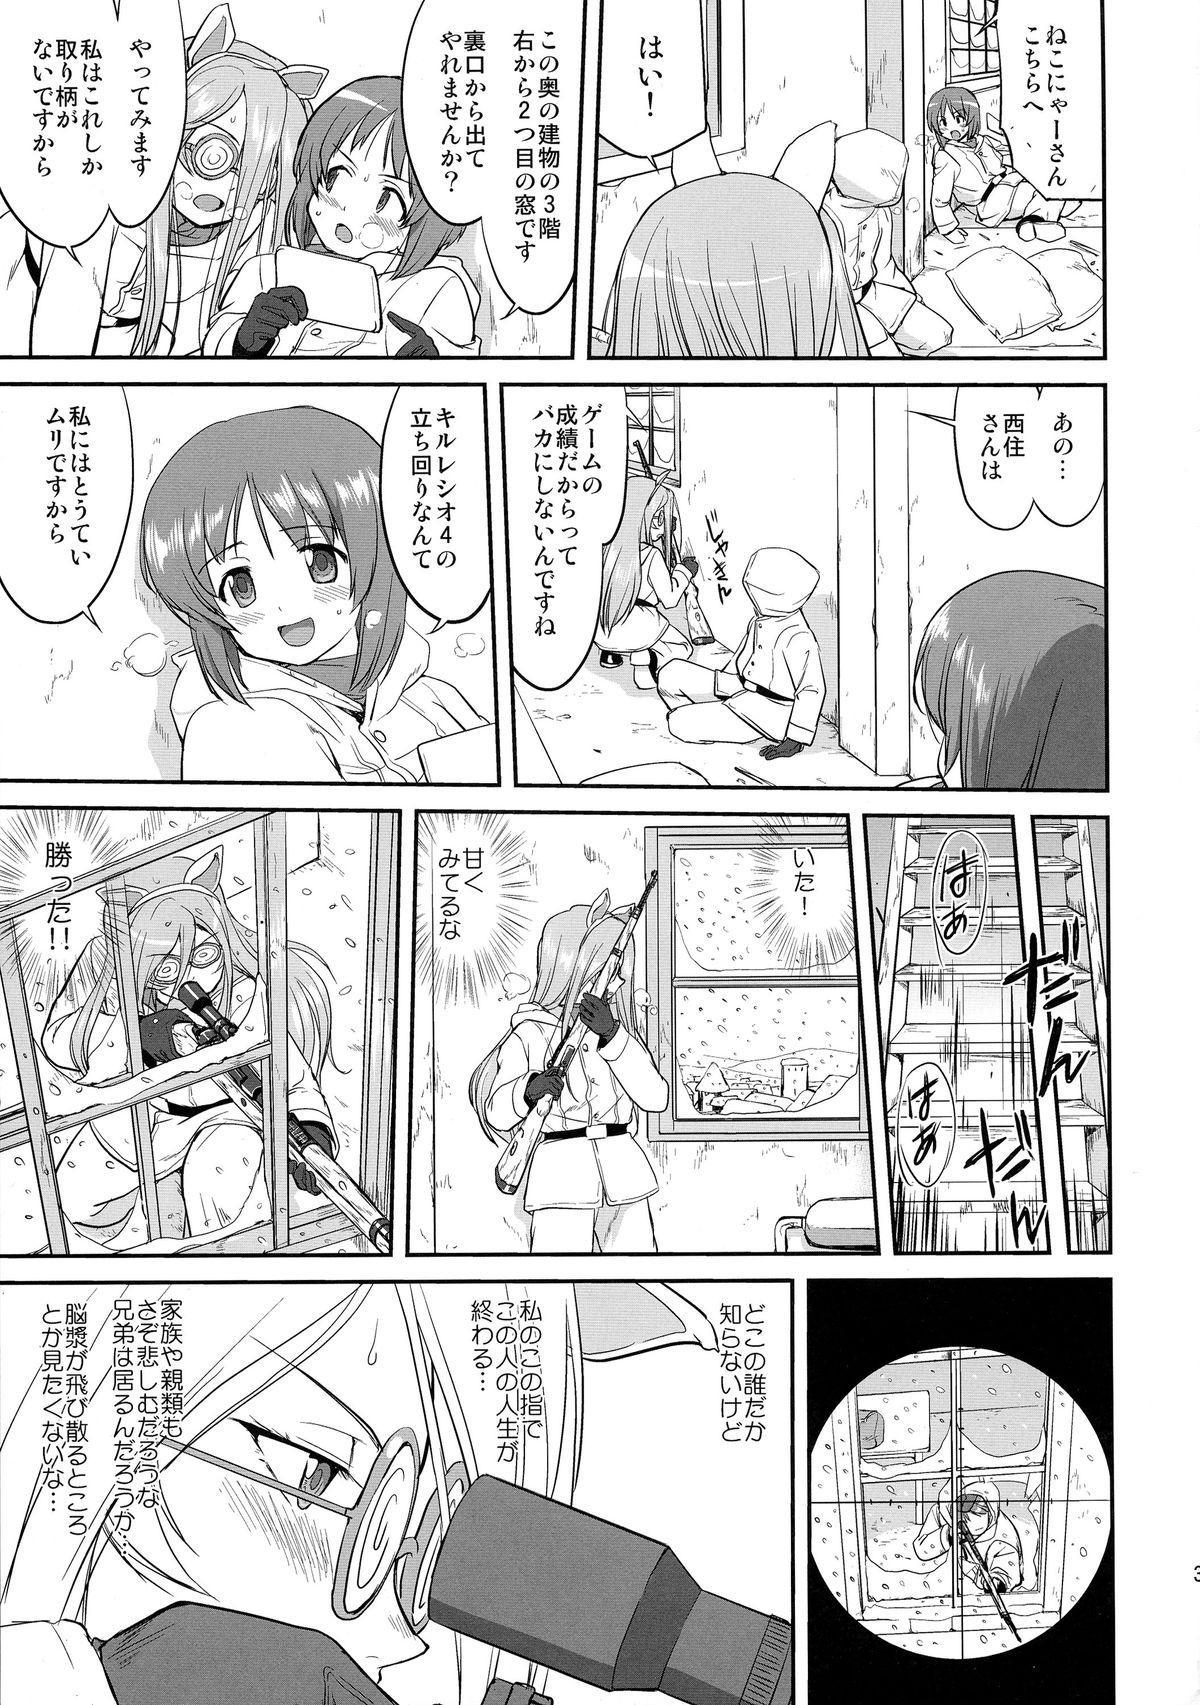 Yukiyukite Senshadou Battle of Pravda 38